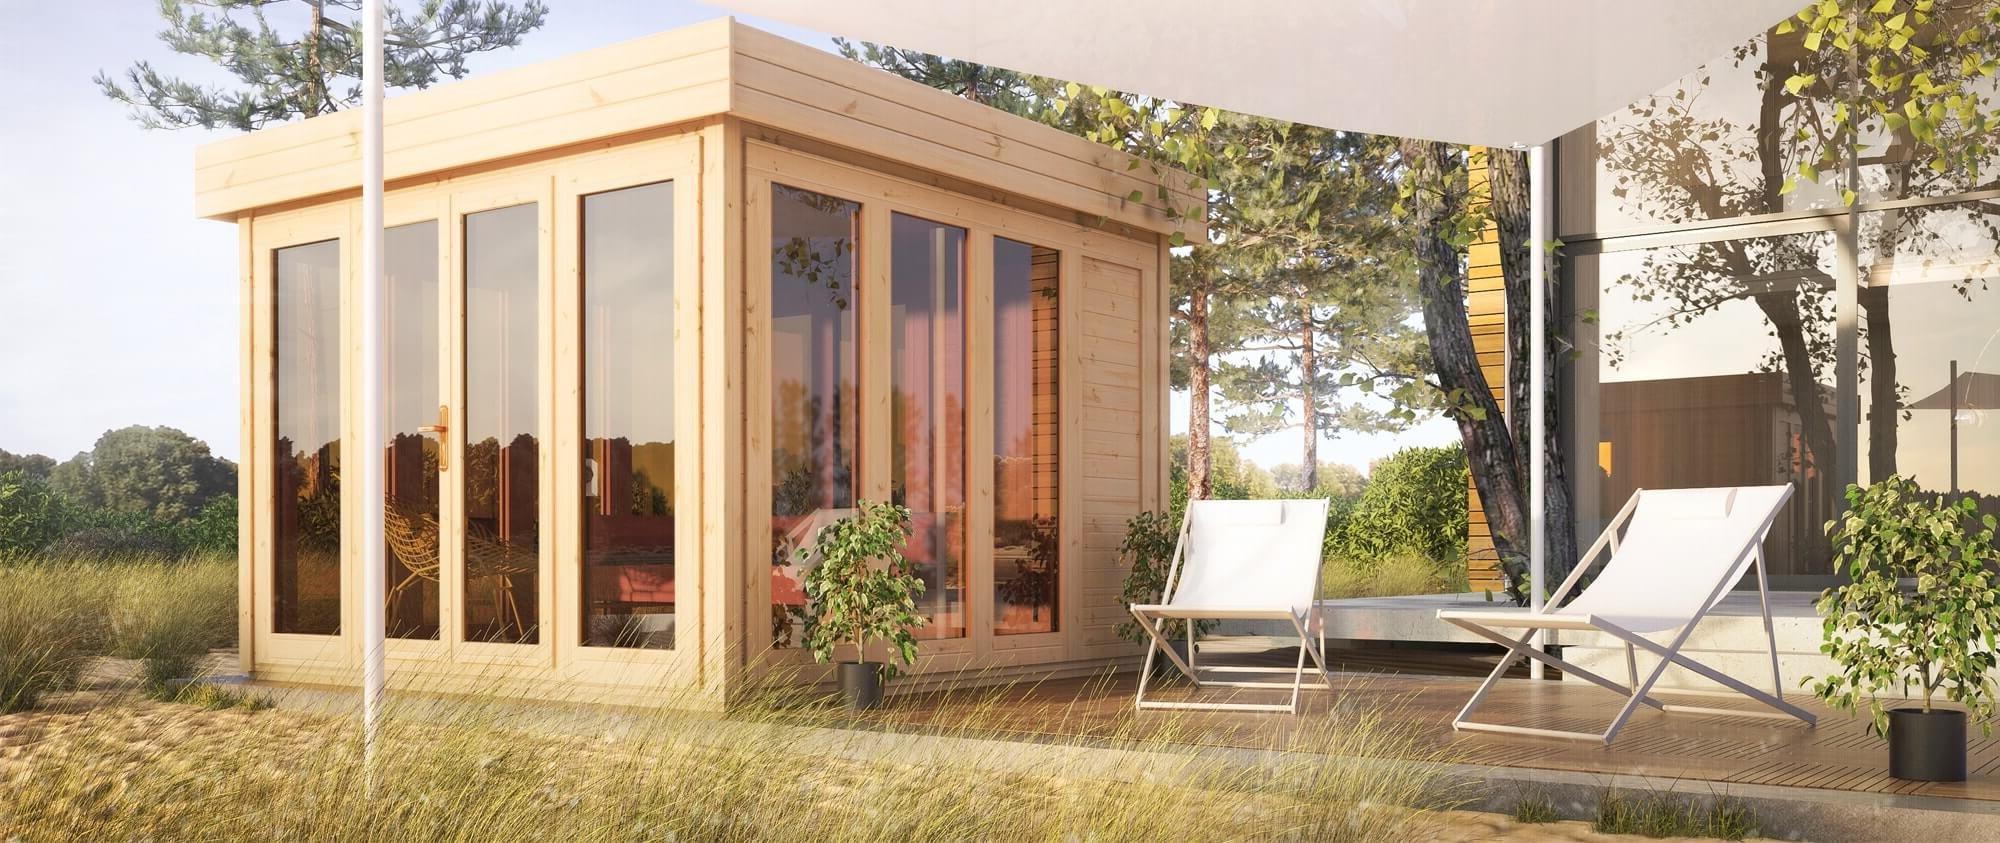 Nowoczesne Drewniane Domki Ogrodowe I Narzędziowe Wiaty